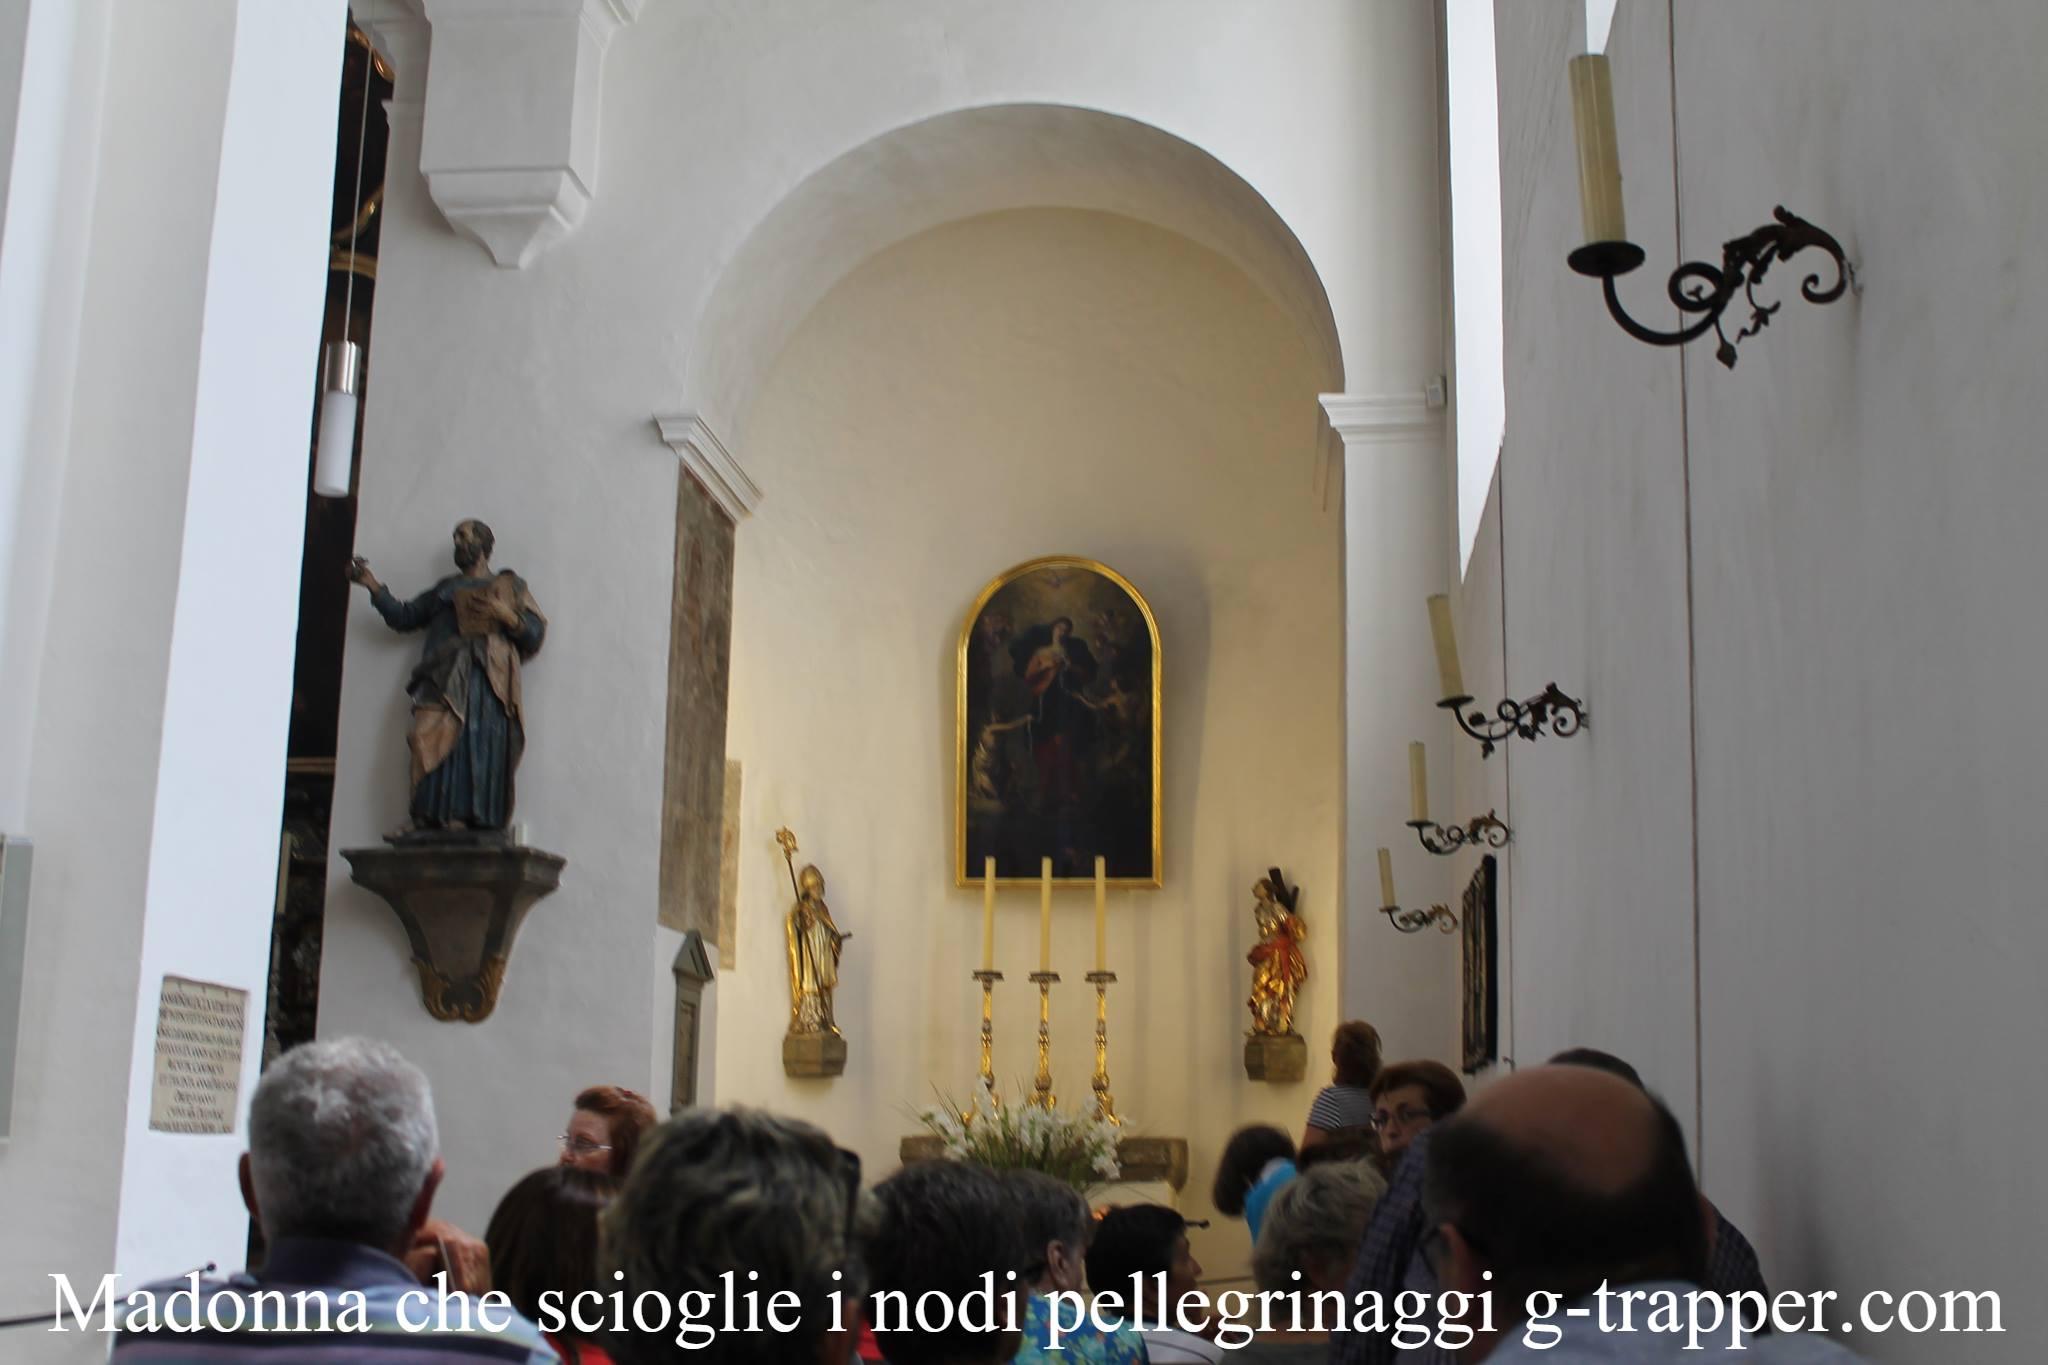 Madonna che scioglie i nodi pellegrinaggio da reggio for Negozio con alloggi al piano di sopra